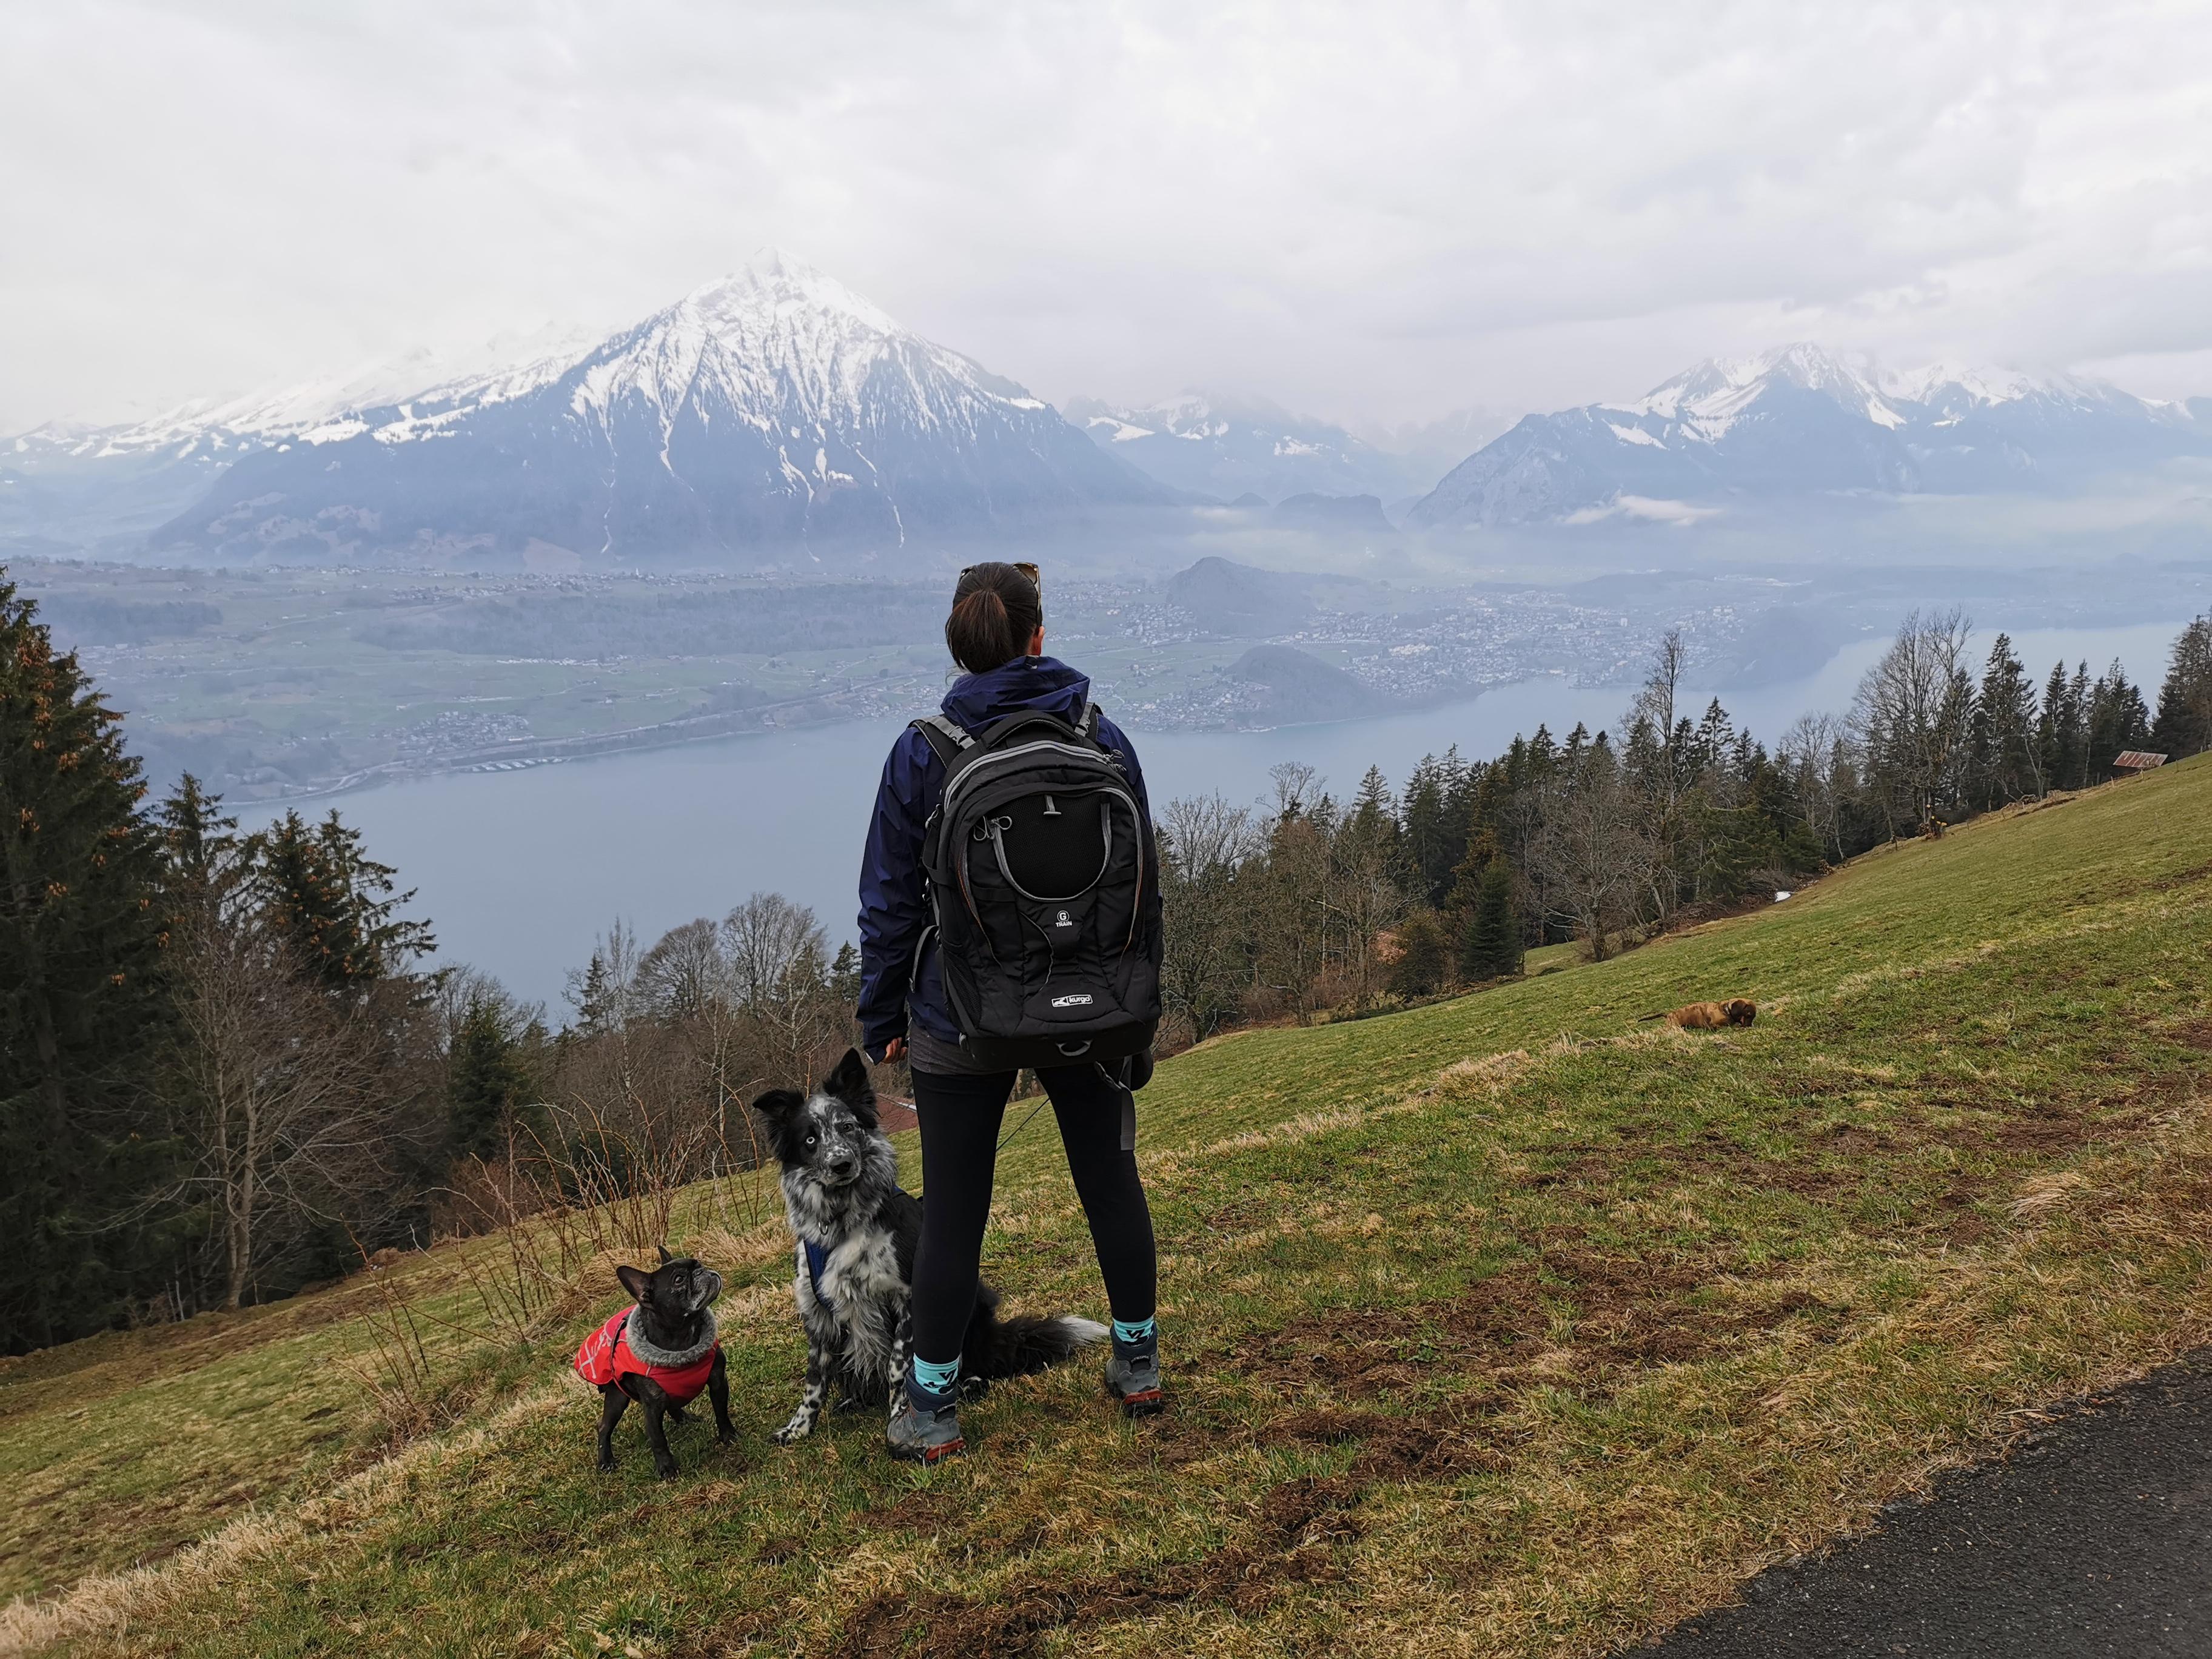 Hund und Mensch in den Bergen